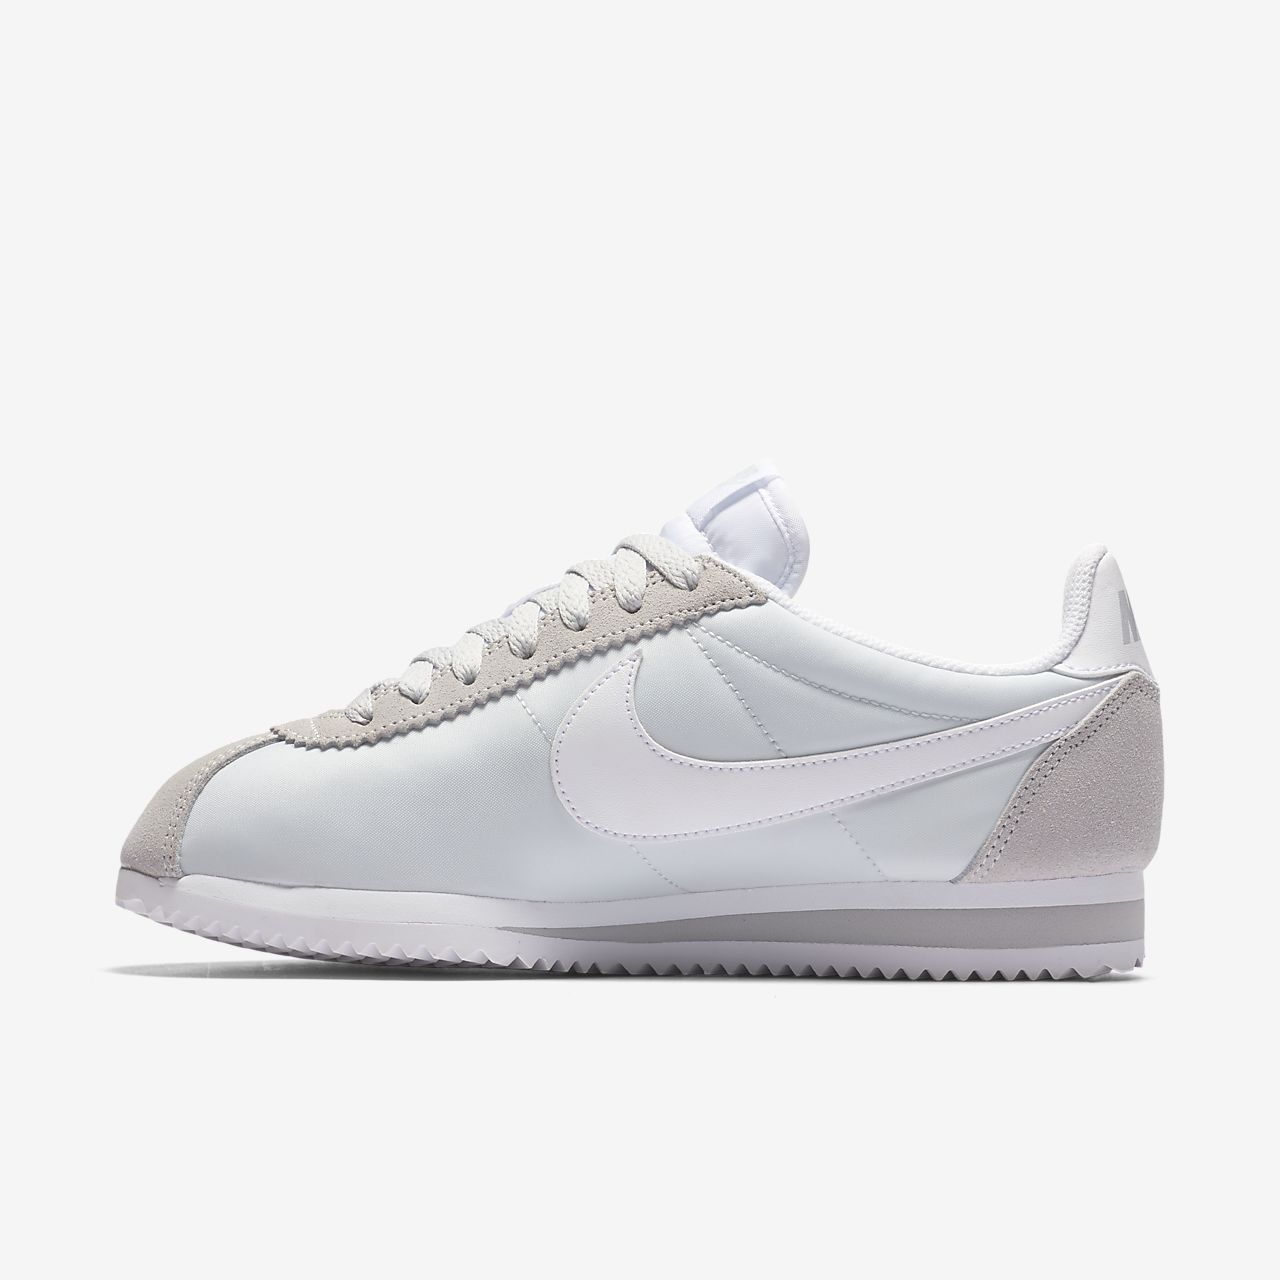 newest a8590 8097b ... low price gris nike cortez chaussures 405 pour les femmes 6z99c  apprehension be29f 0ba45